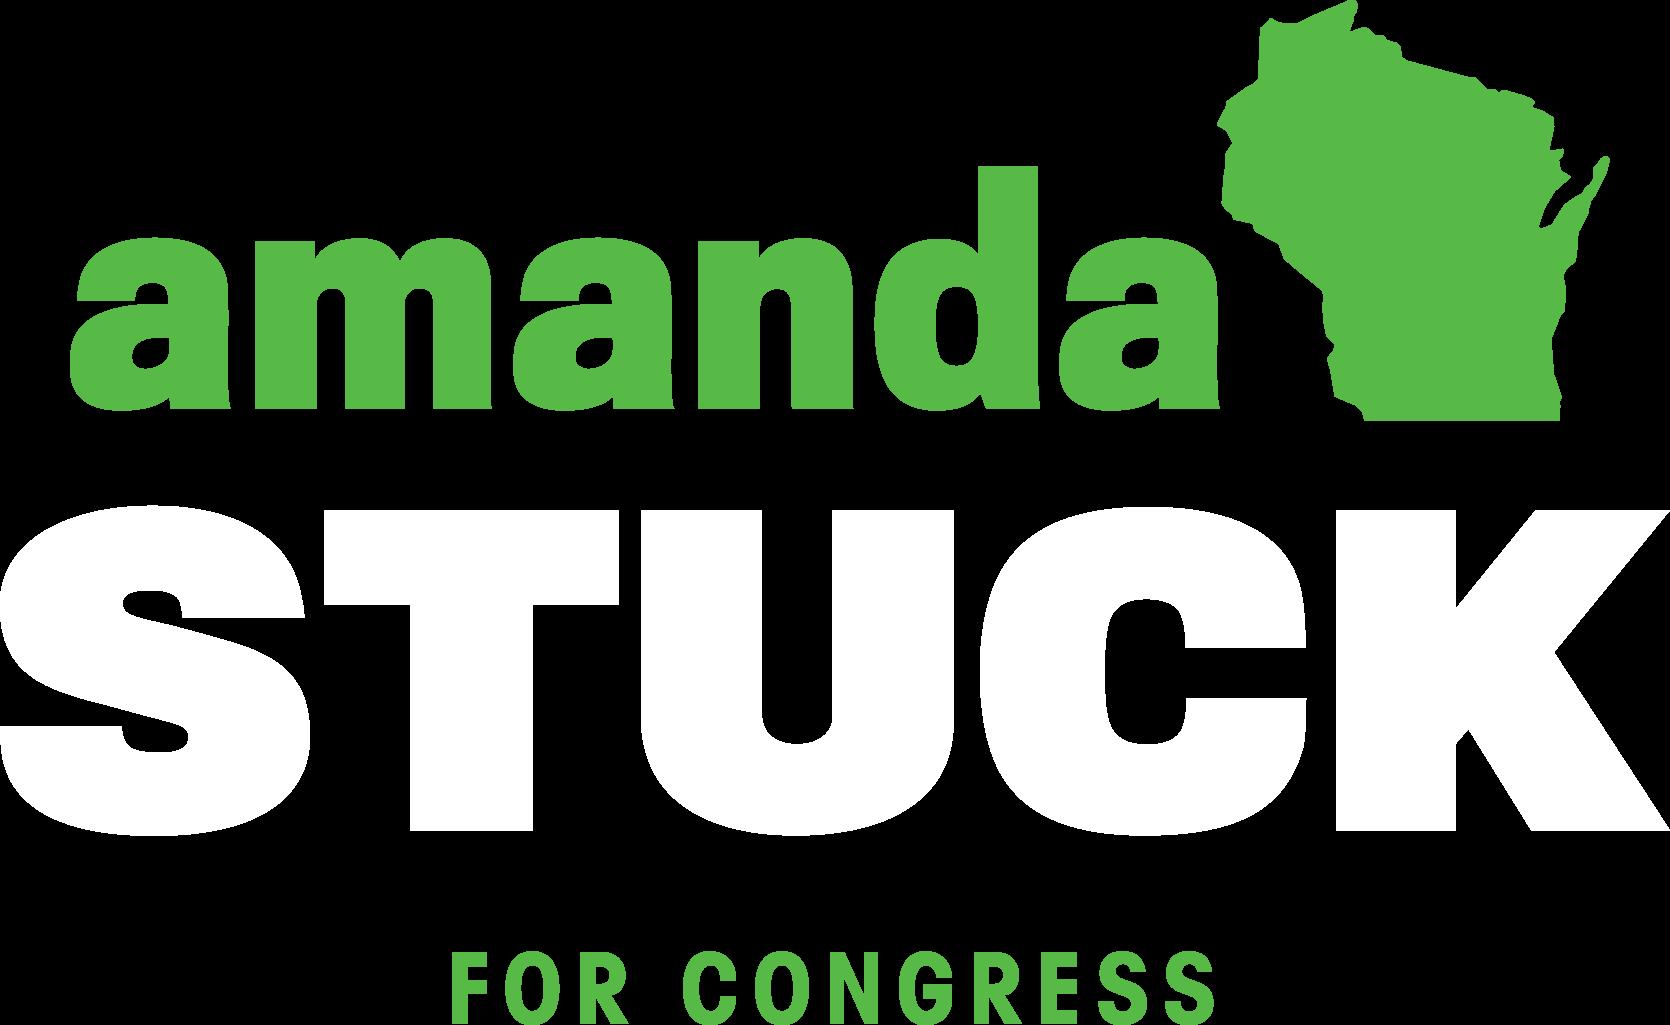 Amanda Stuck